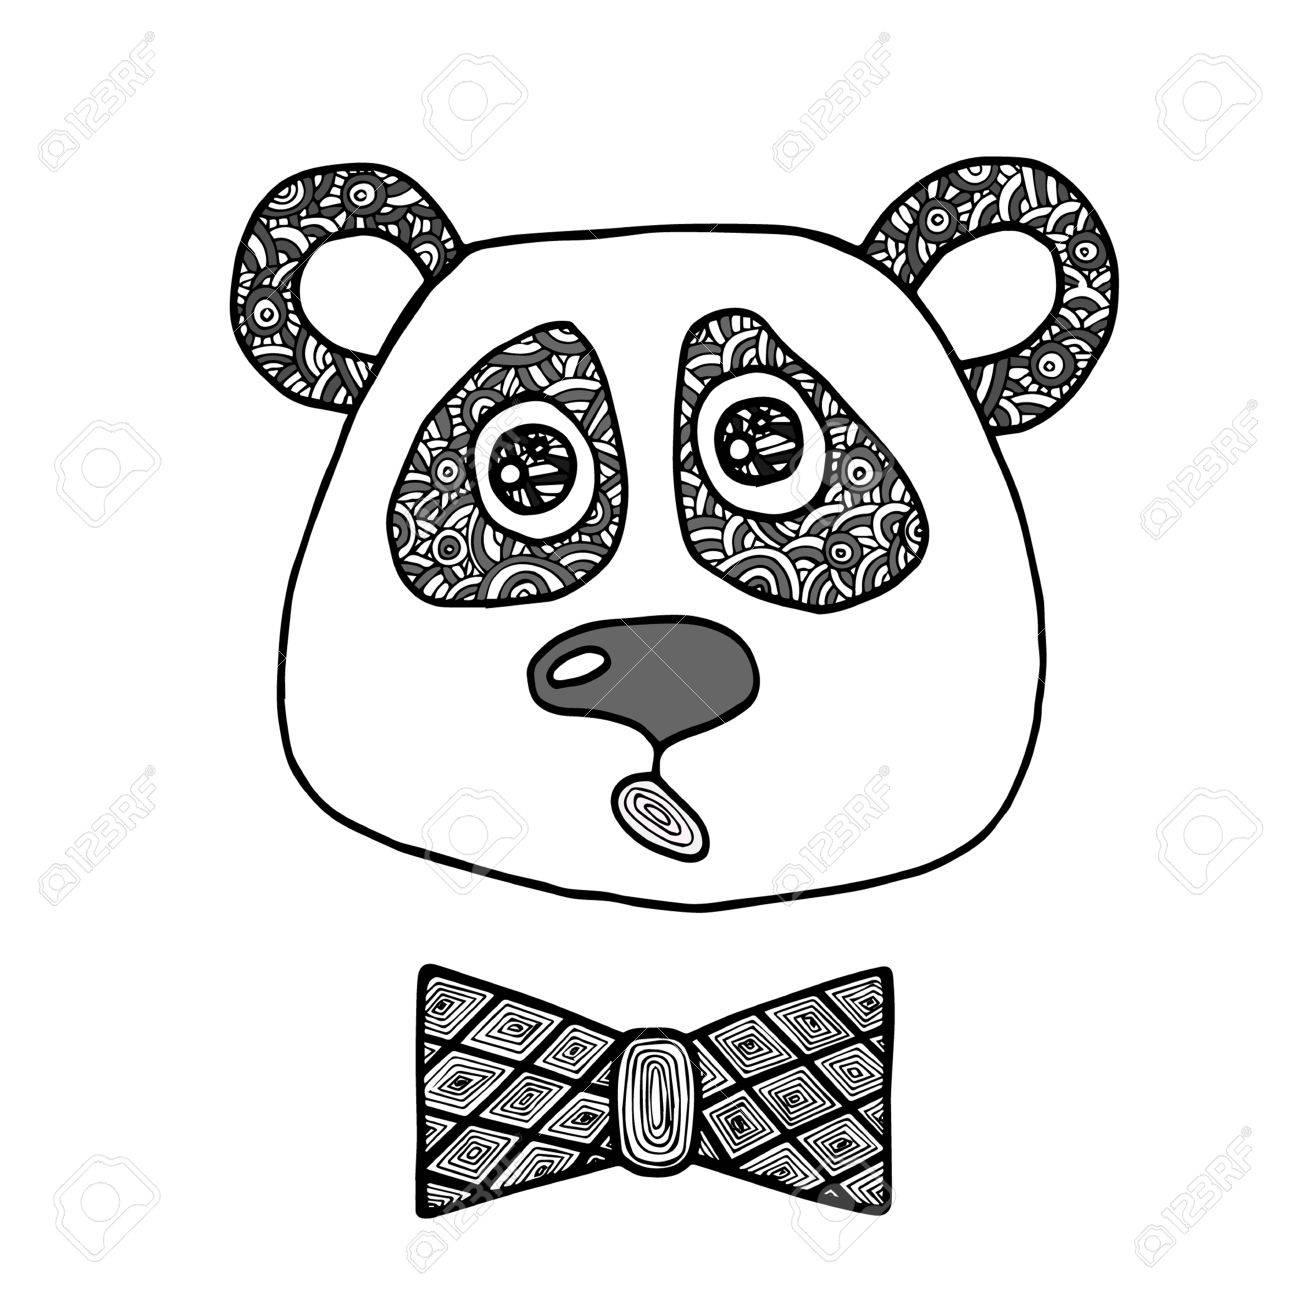 手にはパンダの男の子の頭を黒い線が描画されますスケッチのタトゥー